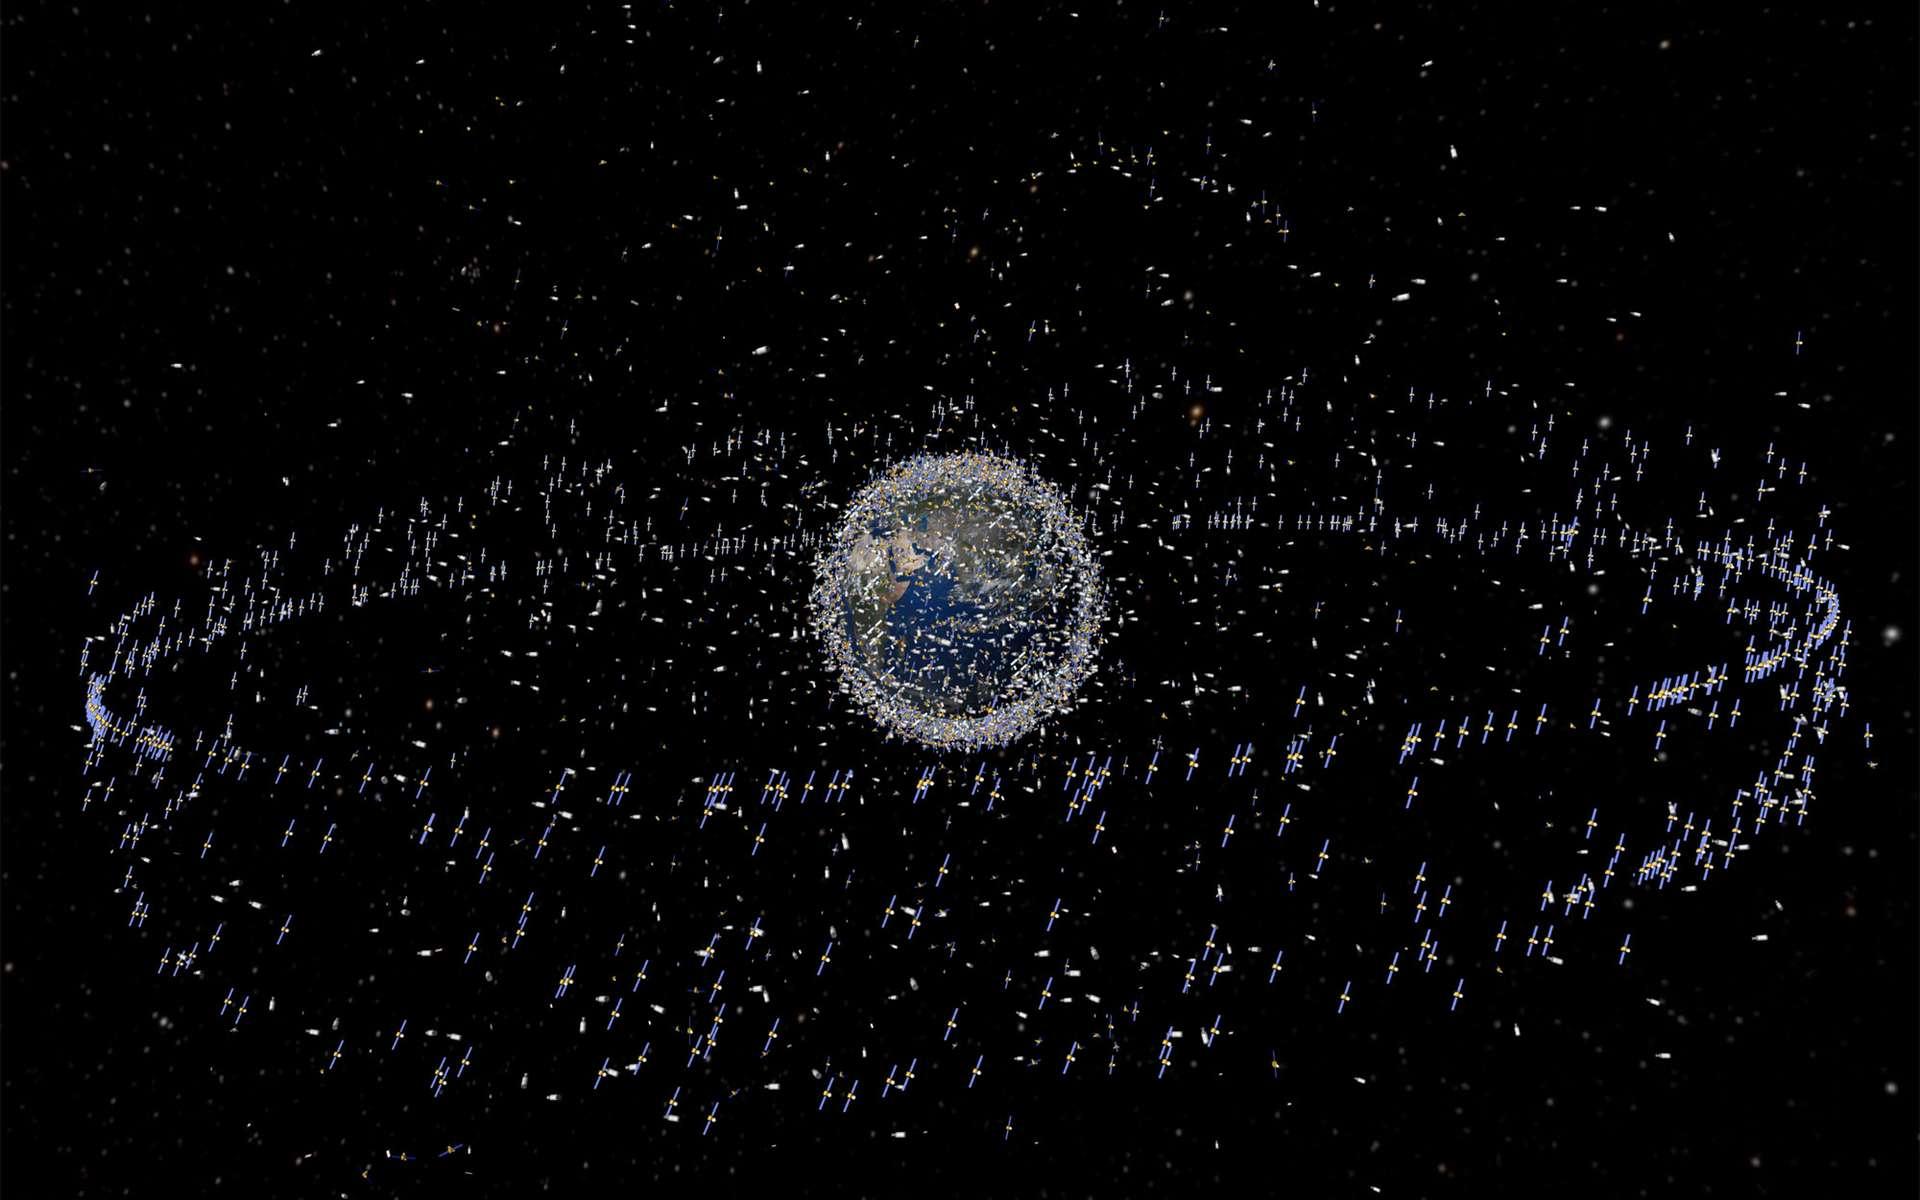 Vue d'artiste des satellites présents autour de la Terre, jusqu'à 36.000 kilomètres d'altitude. © Esa